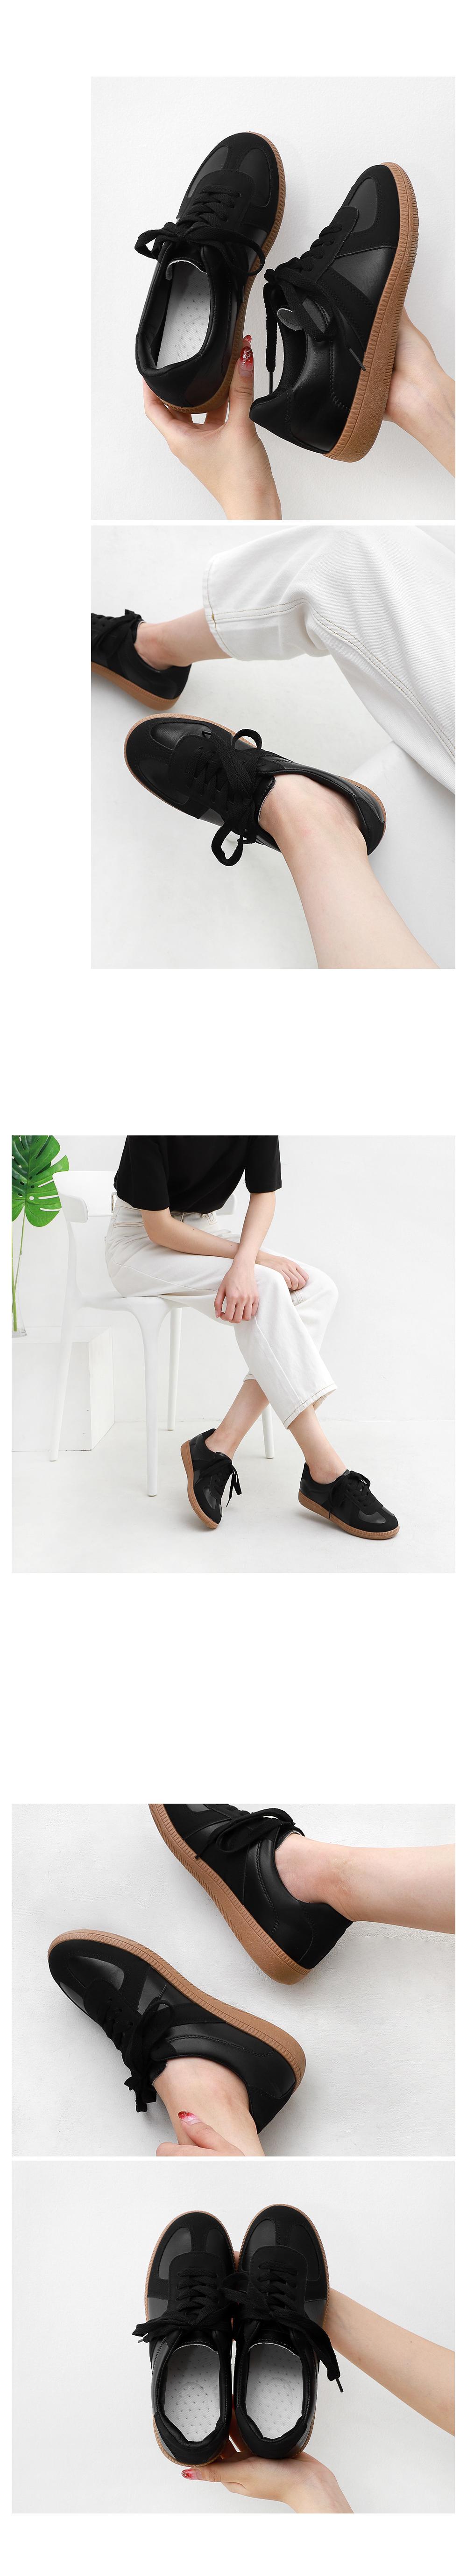 靴 モデル画像-S1L12